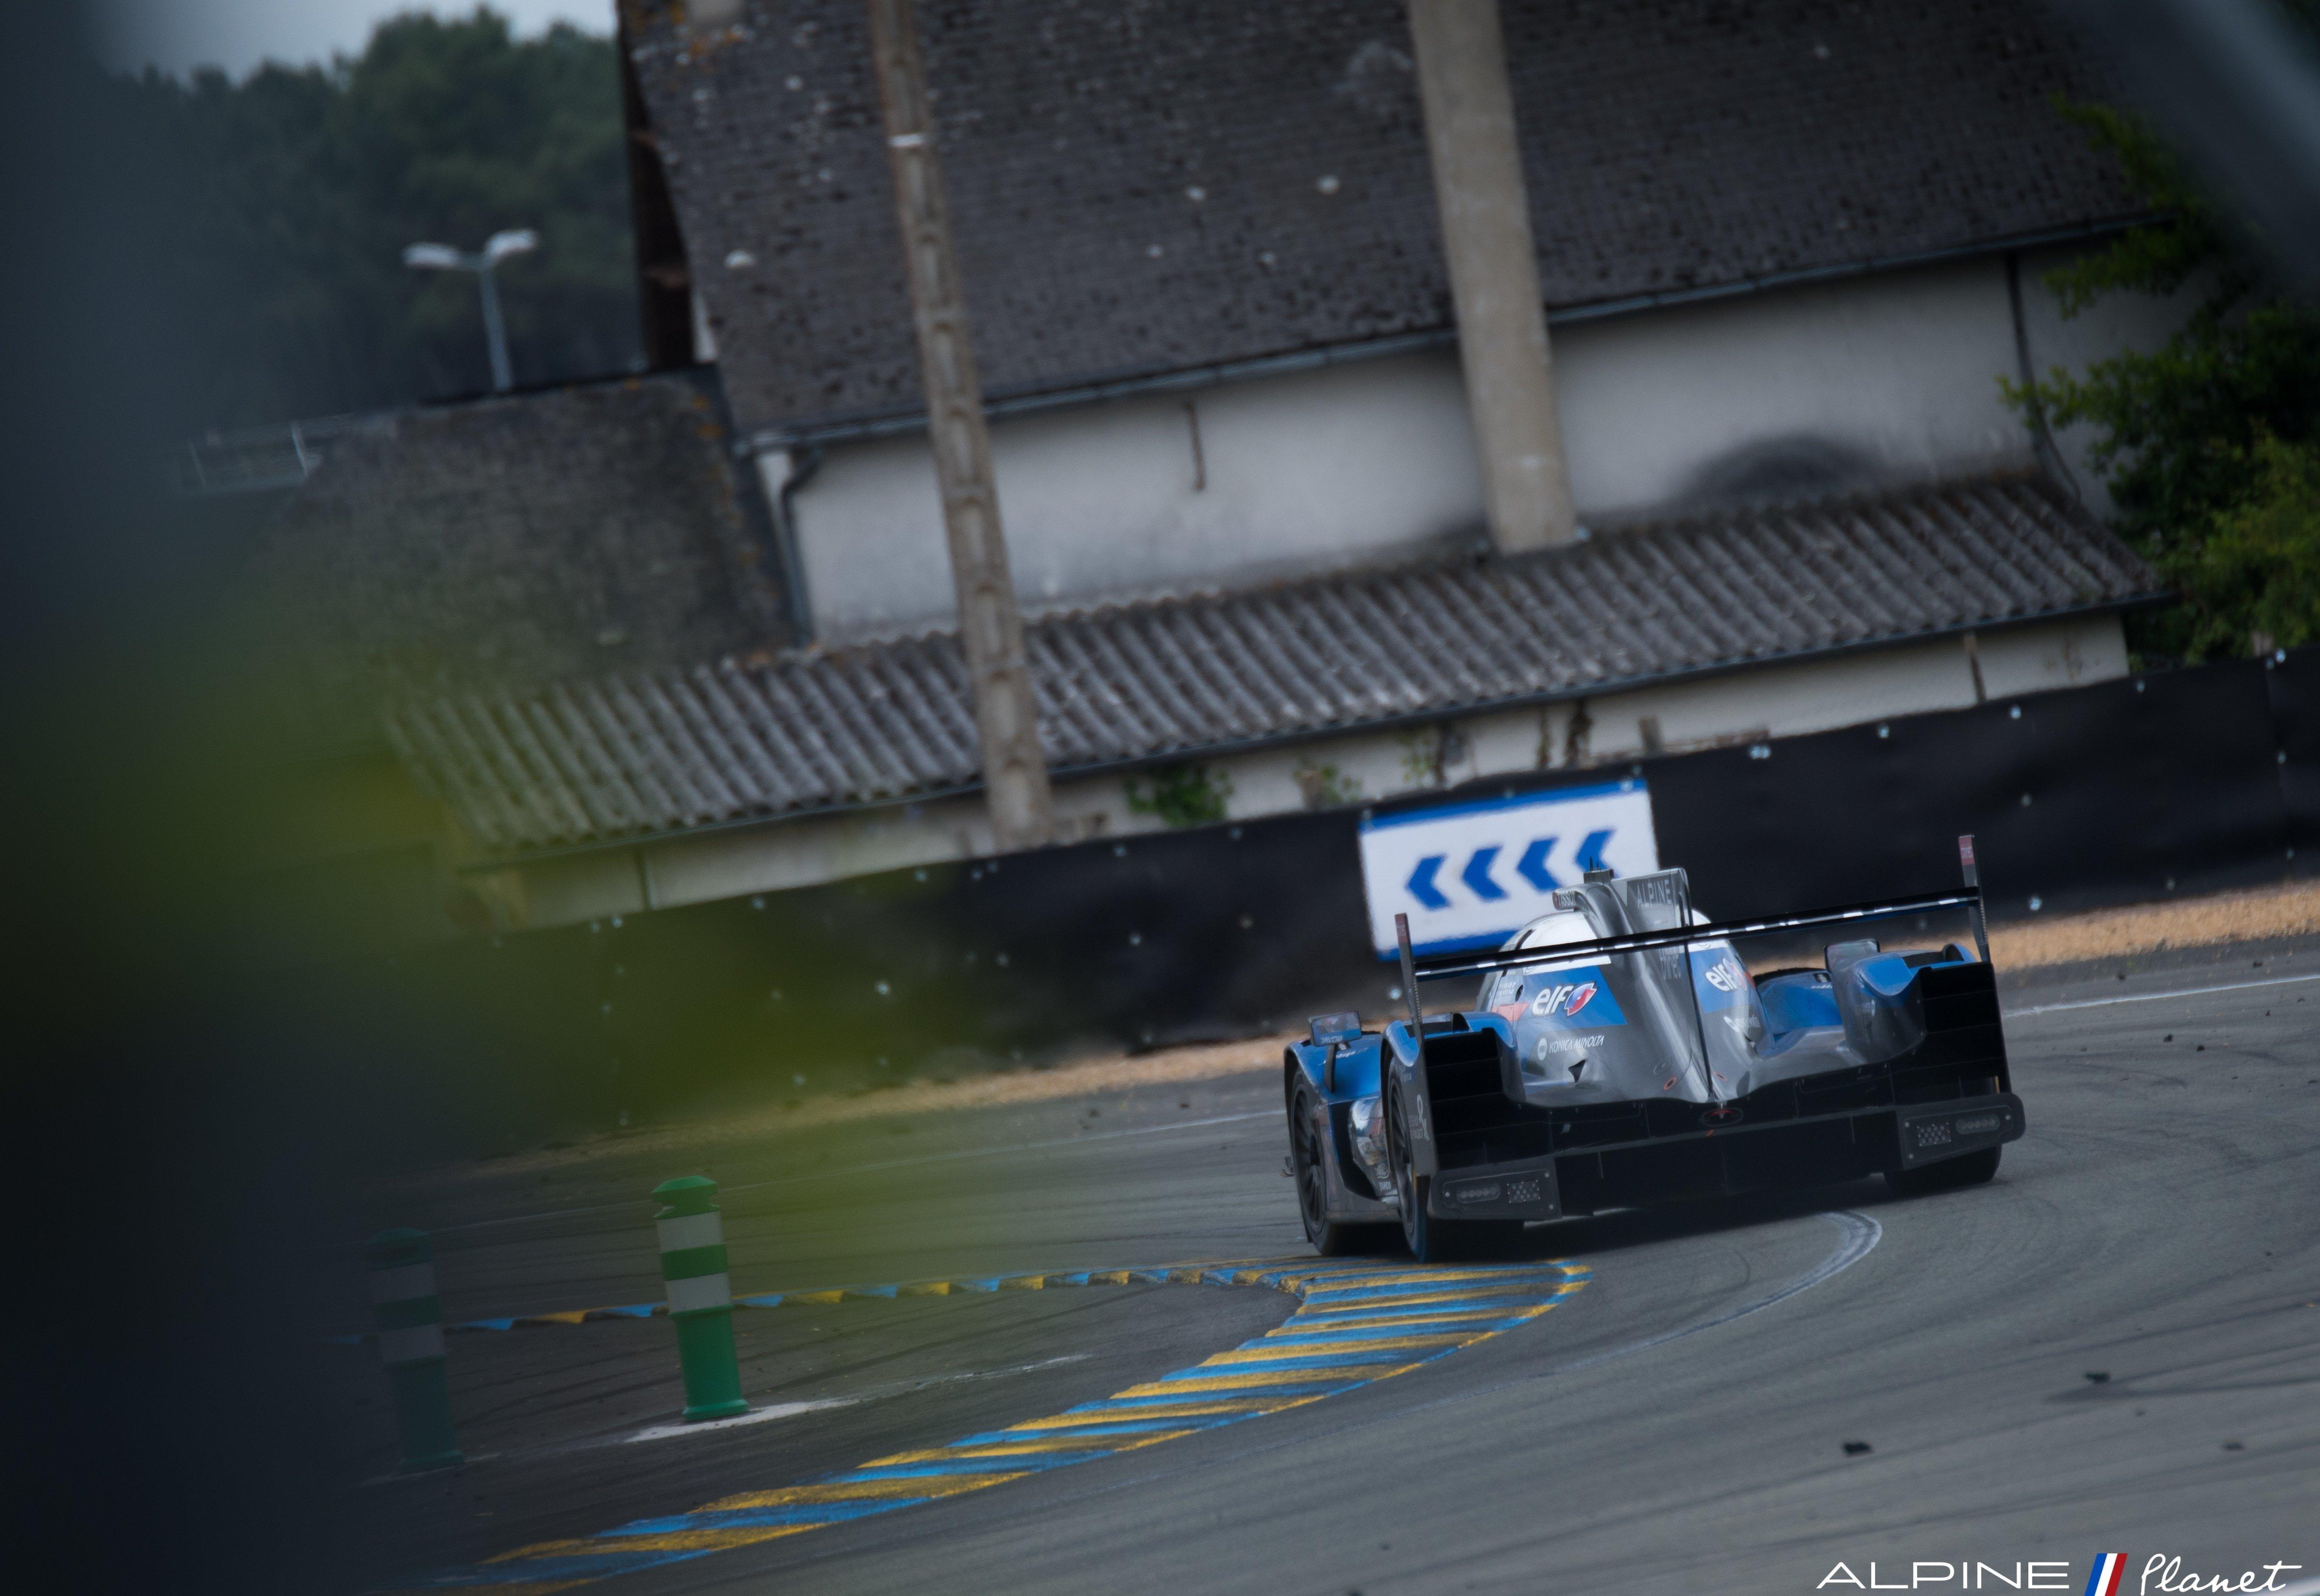 DSC3170 | Remise des prix FIA WEC Super Saison 2018-2019